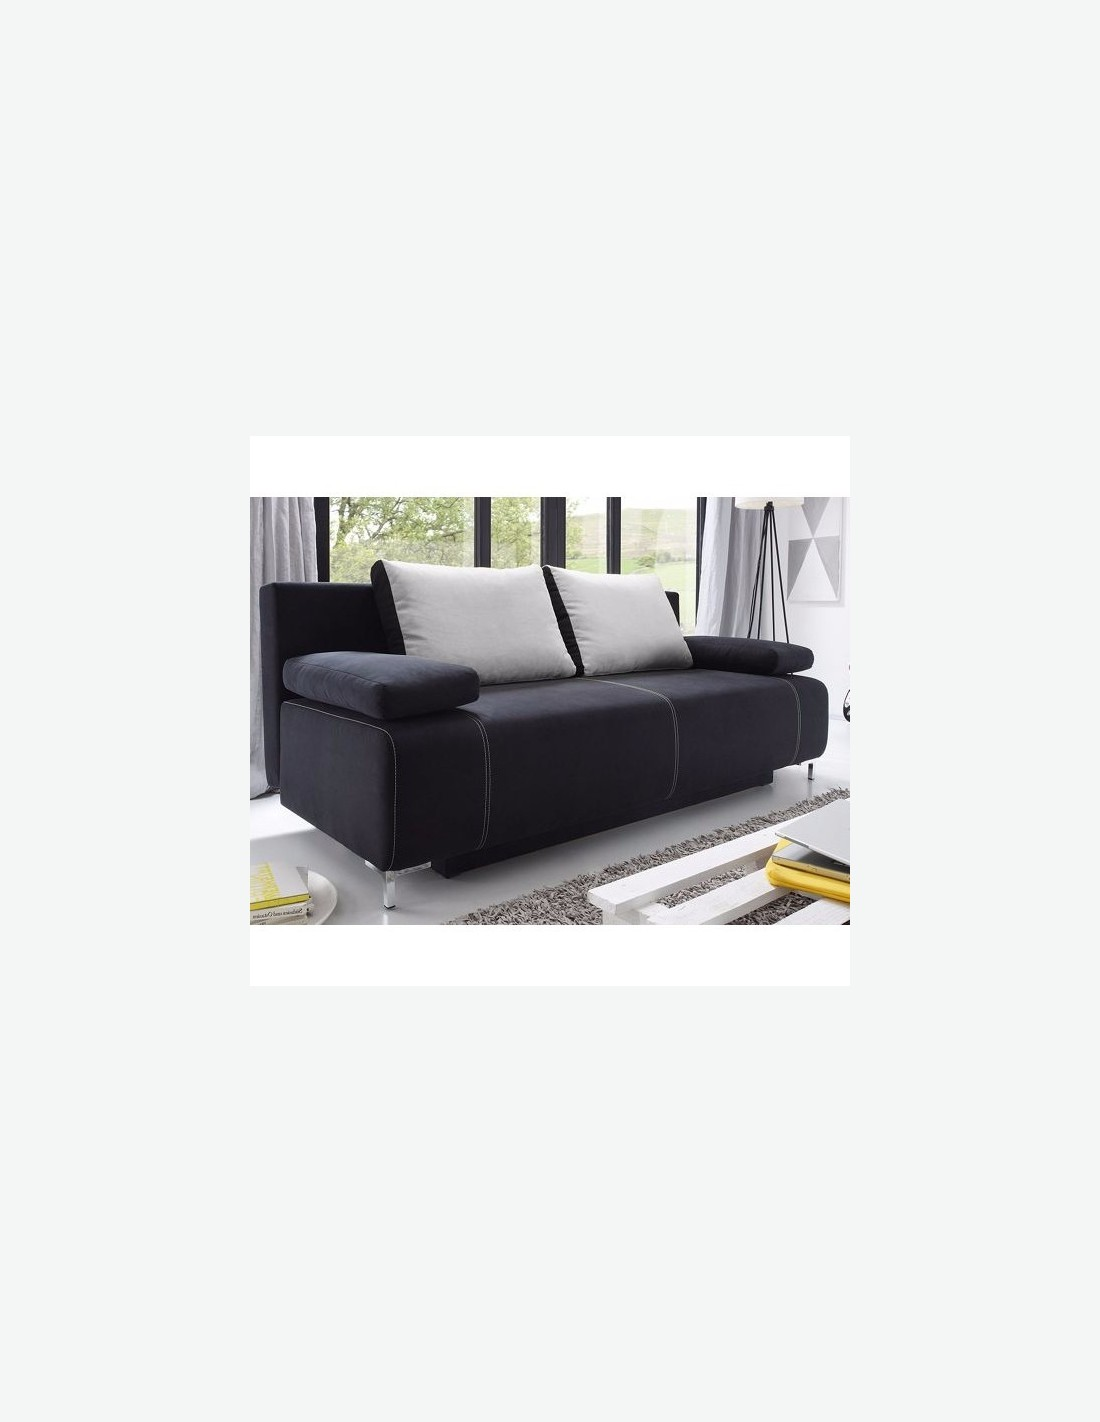 Kinga divano letto con cassettone nero avanti - Divano letto con cassettone ...